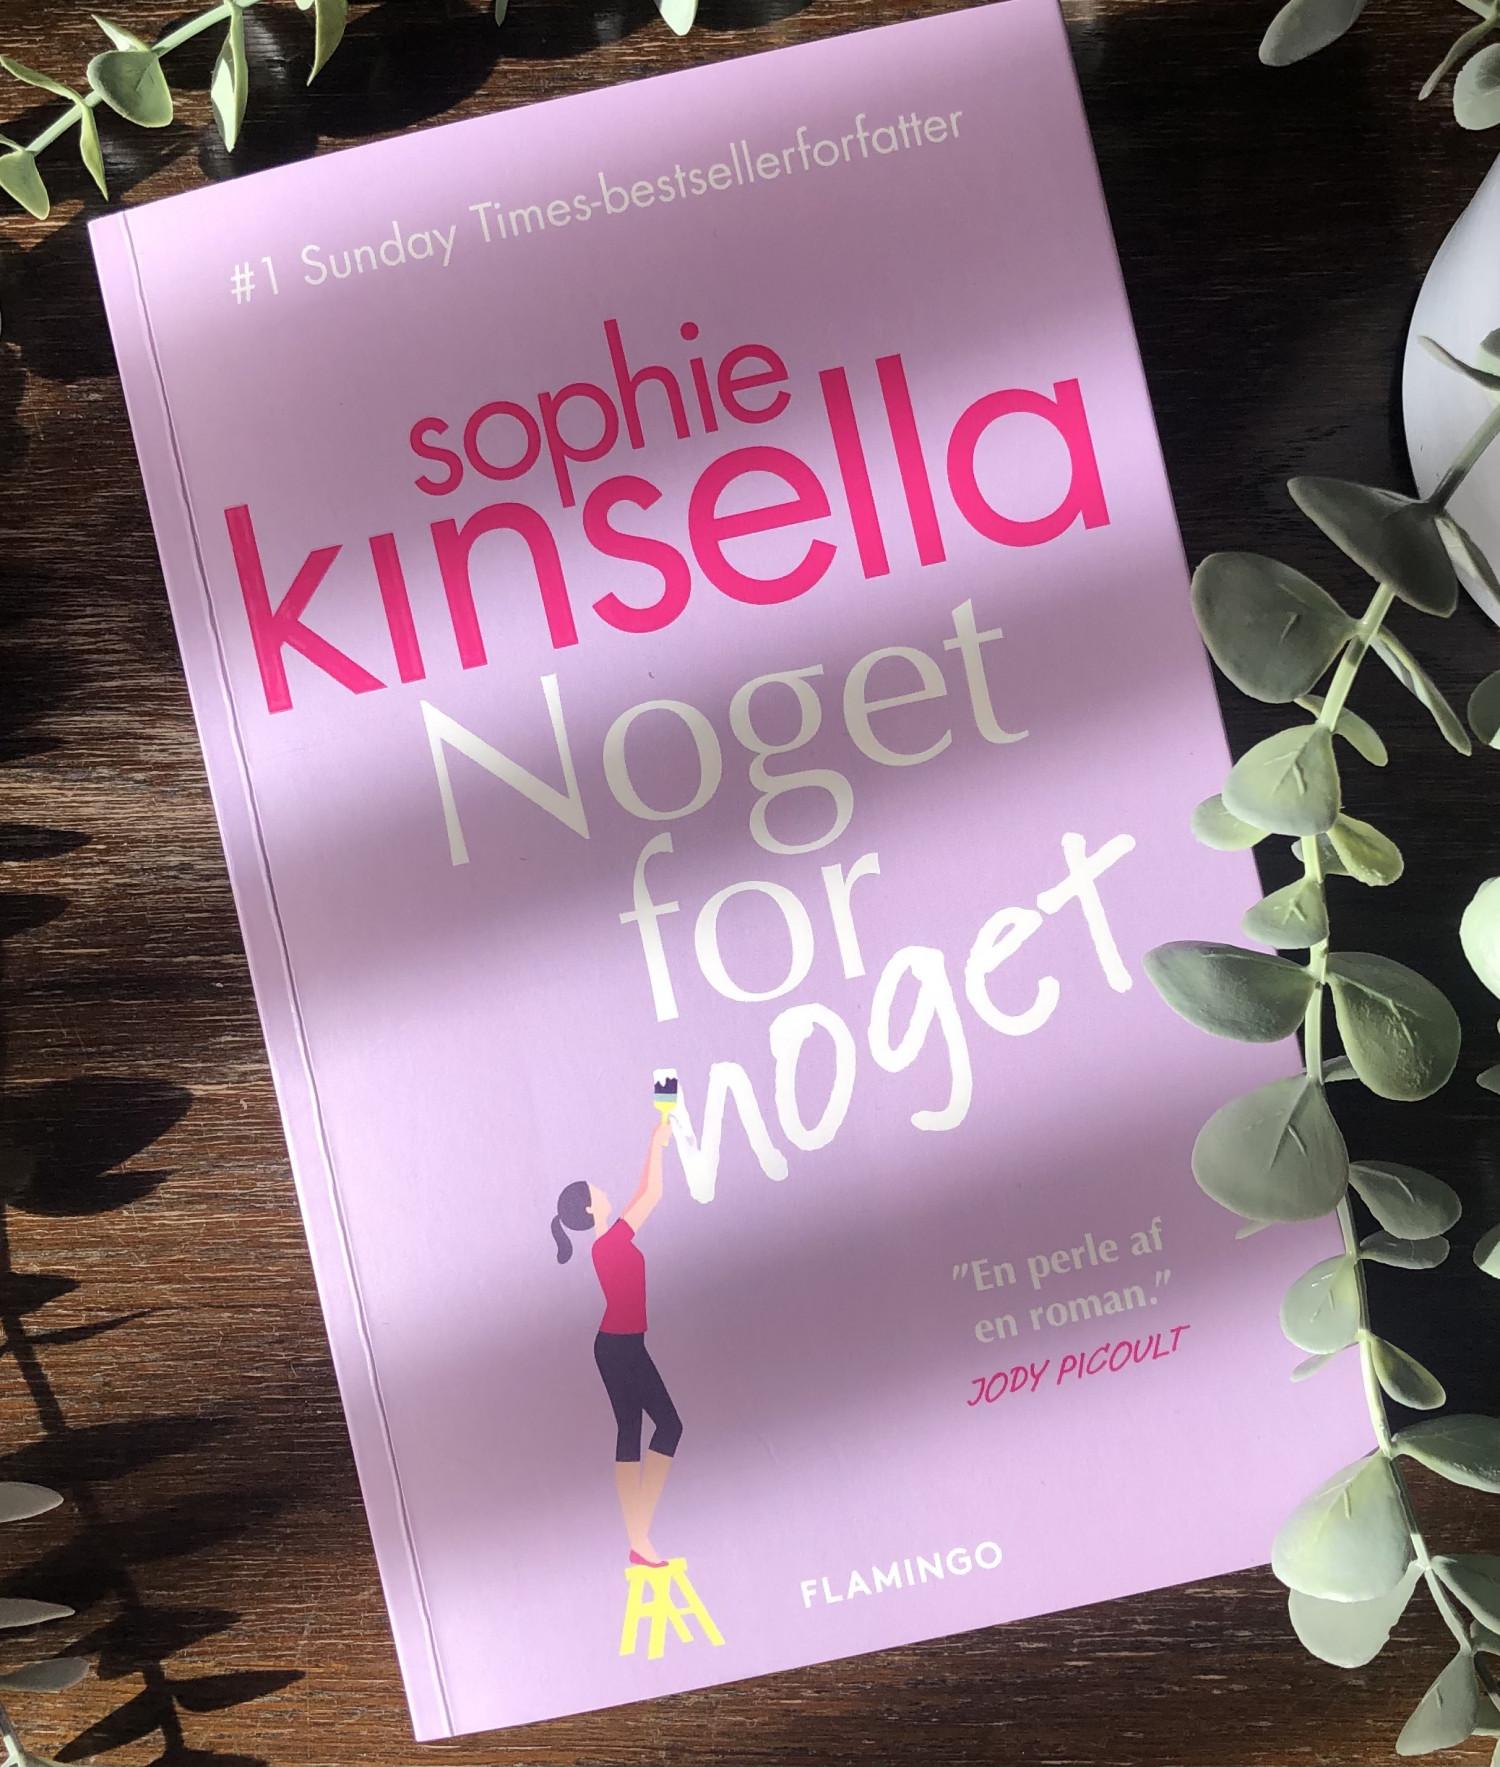 Noget for noget, Sophie Kinsella, I owe you one, Anmeldelse af Noget for noget, Sophie Kinsella anmeldelse, Flamingo, flamingo books, , krummeskrummelurer, krummeskrummelurer.dk, boganmeldelse, boganmeldelser på nettet, bøger på Instagram, bøger jeg læser, bøger jeg anbefaler, Christina Rand, anbefaling, anmeldereksemplar,